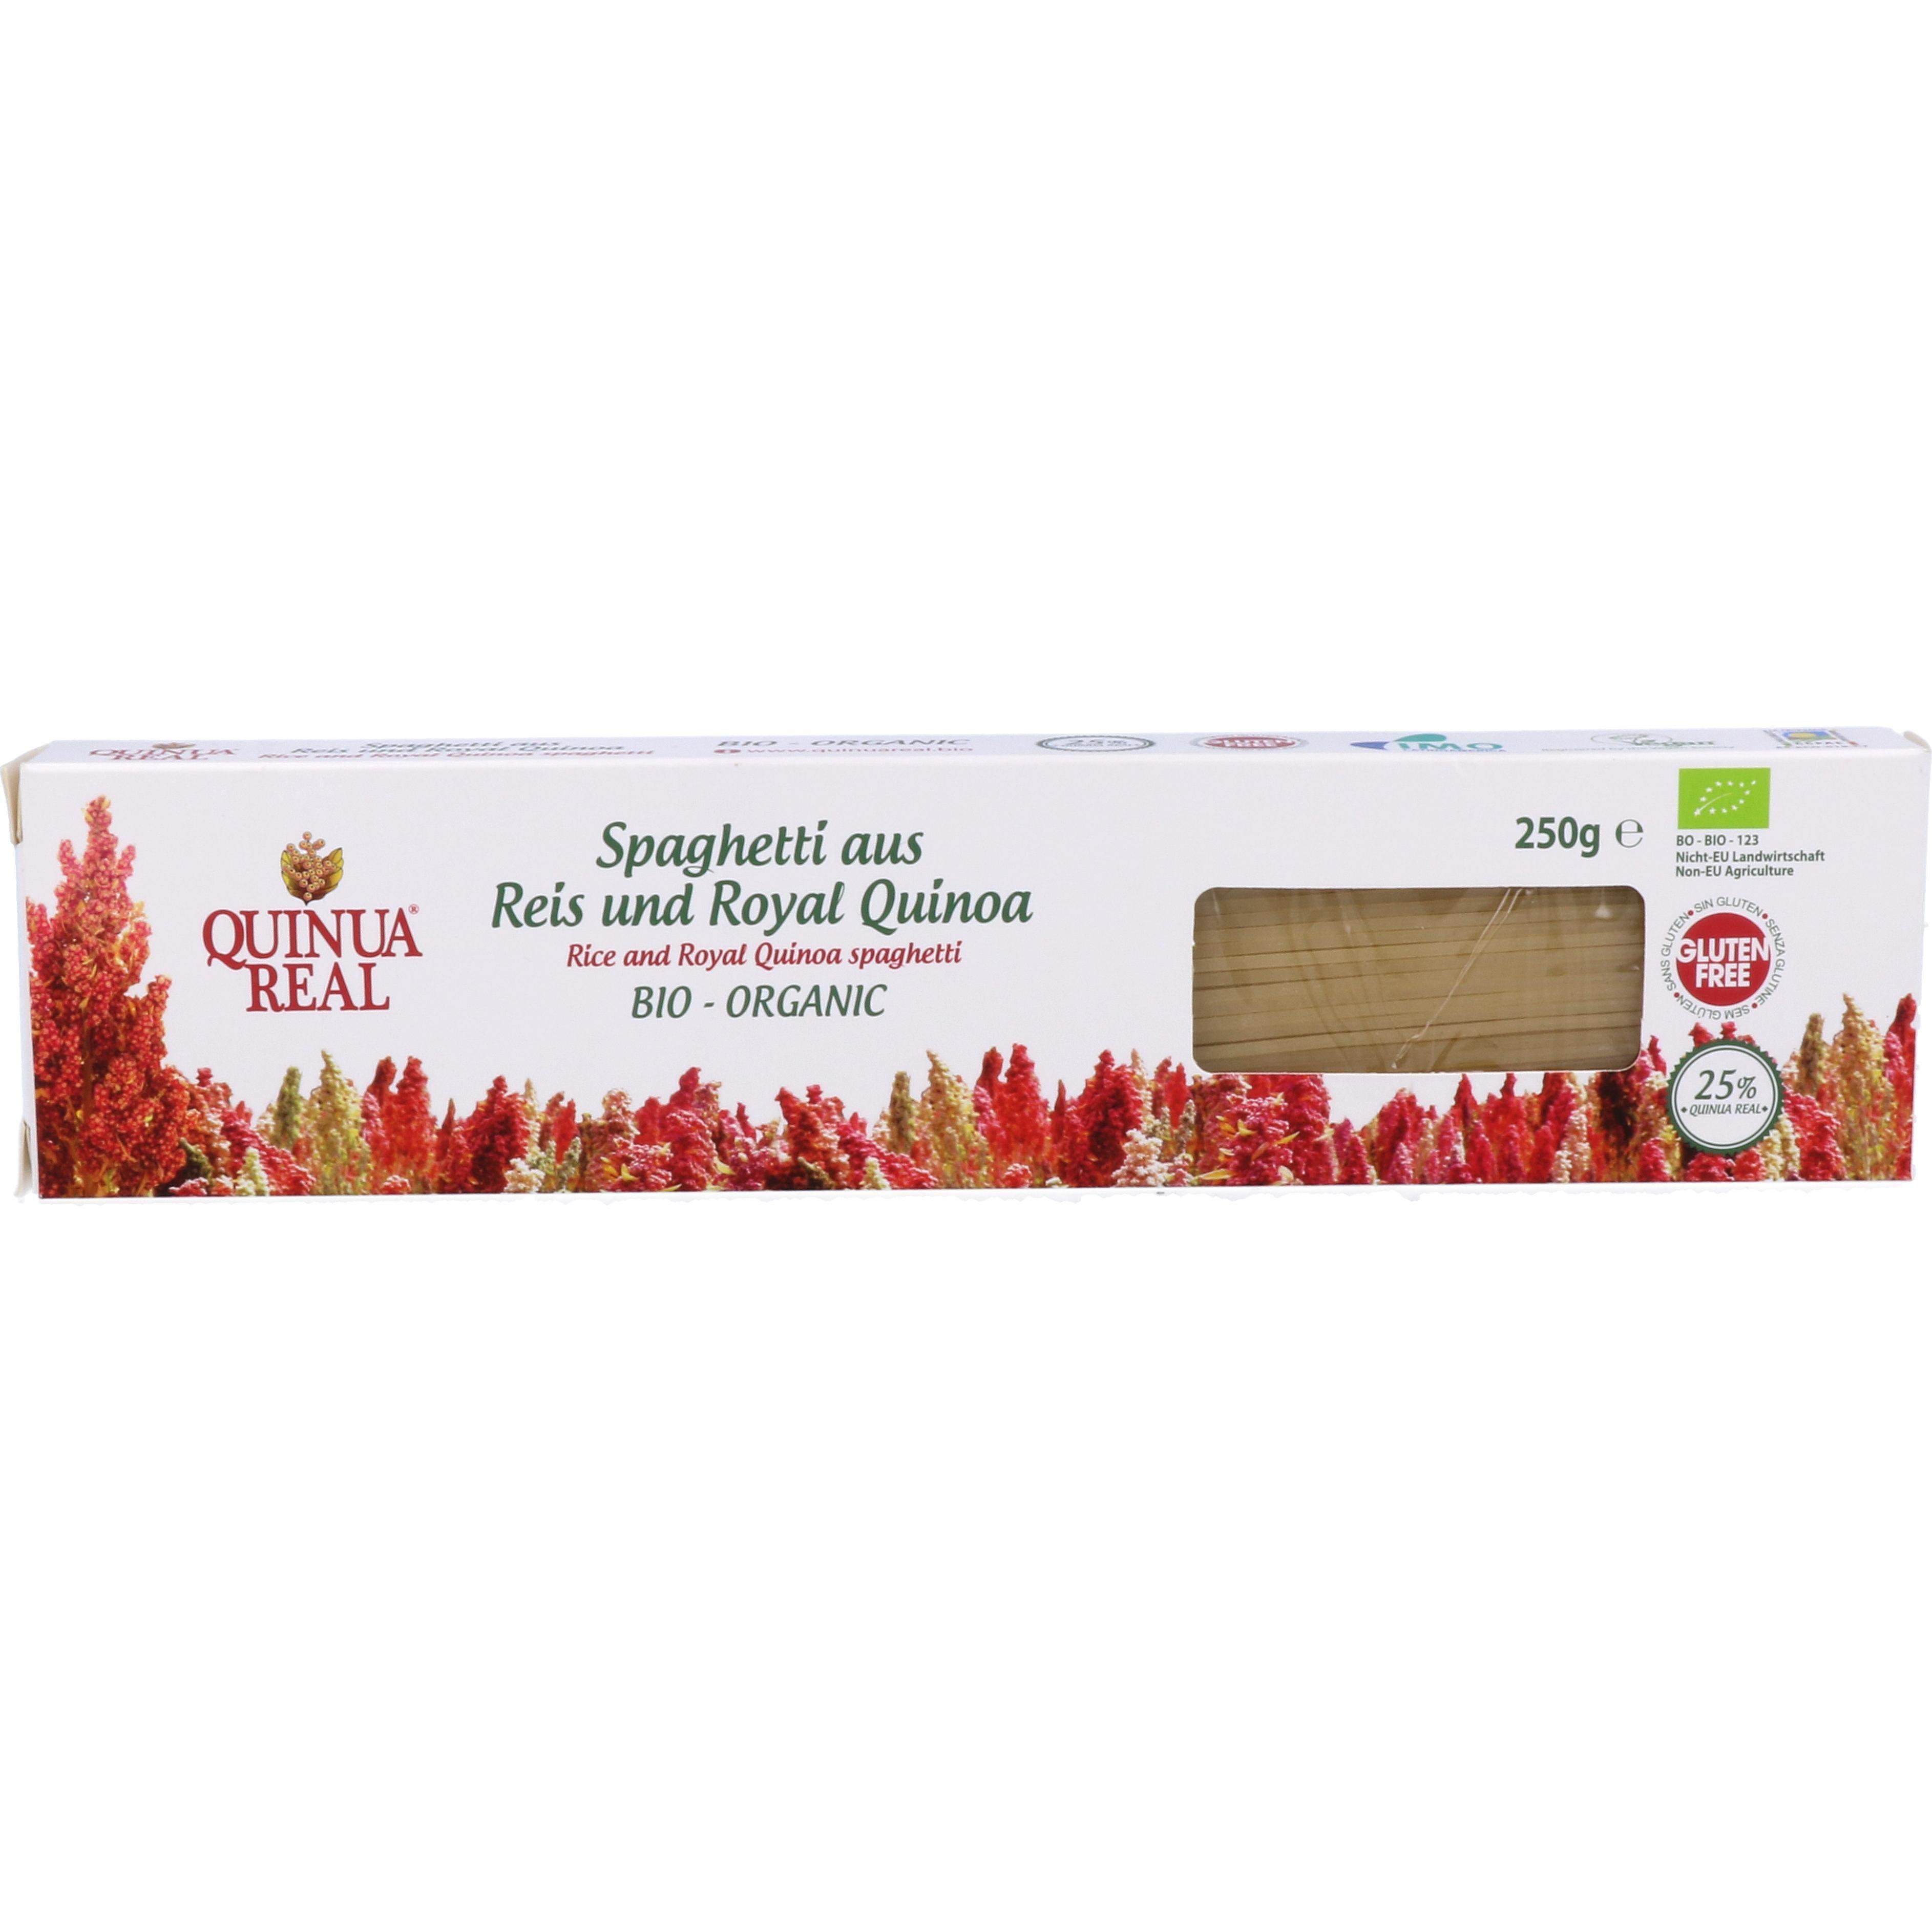 Quinua Real Bio Spaghetti aus Reis und Royal Quinoa 250g